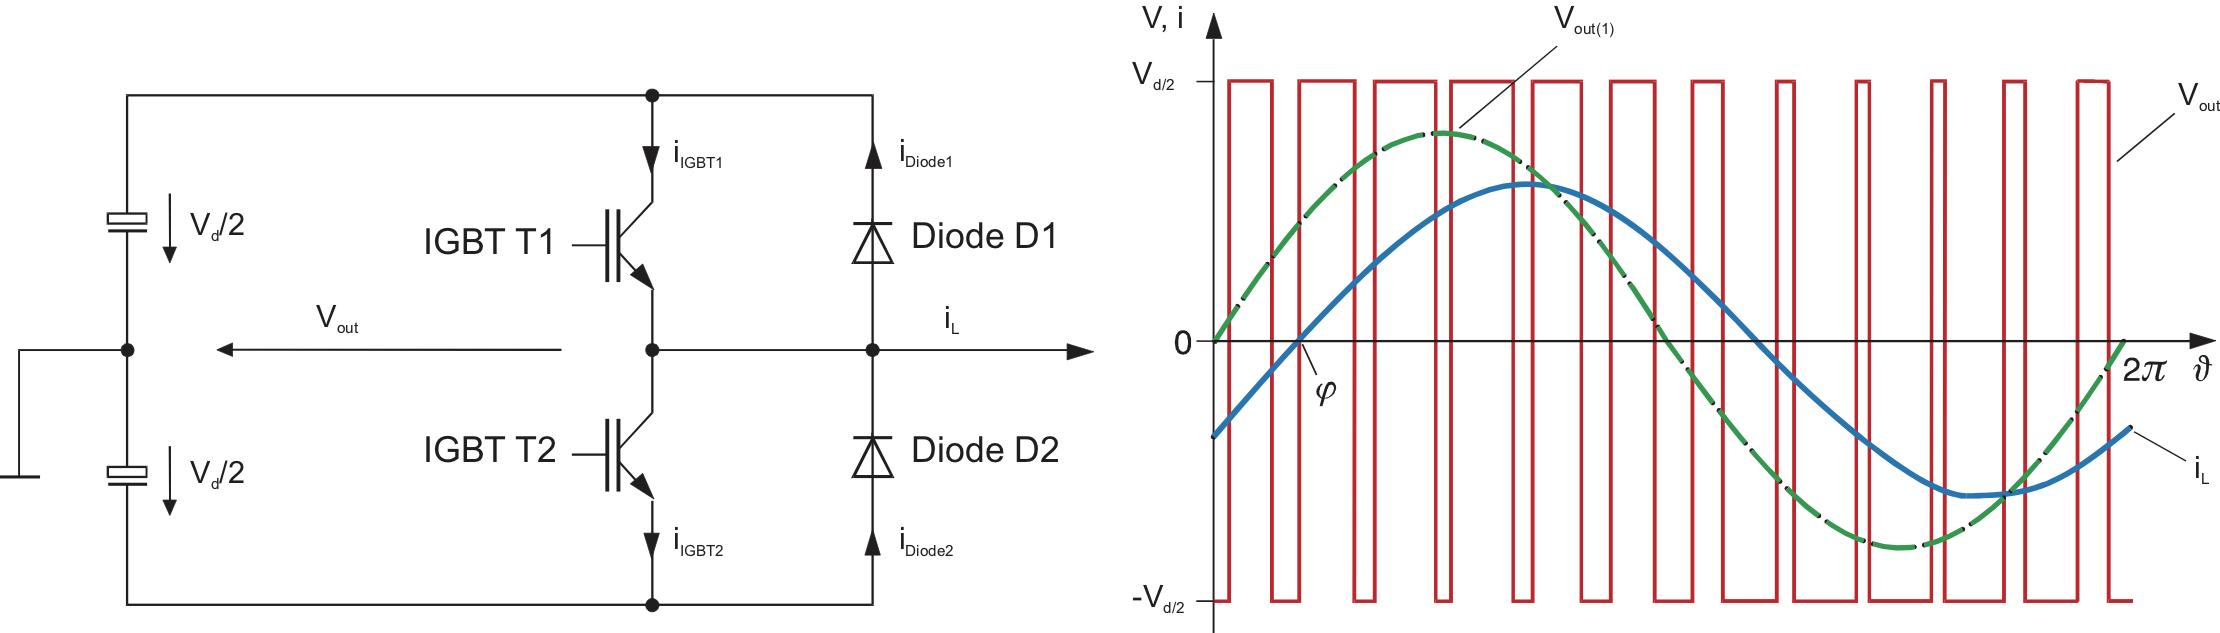 Базовая схема стойки инвертора с IGBT и оппозитными диодами, эпюры токов и напряжений